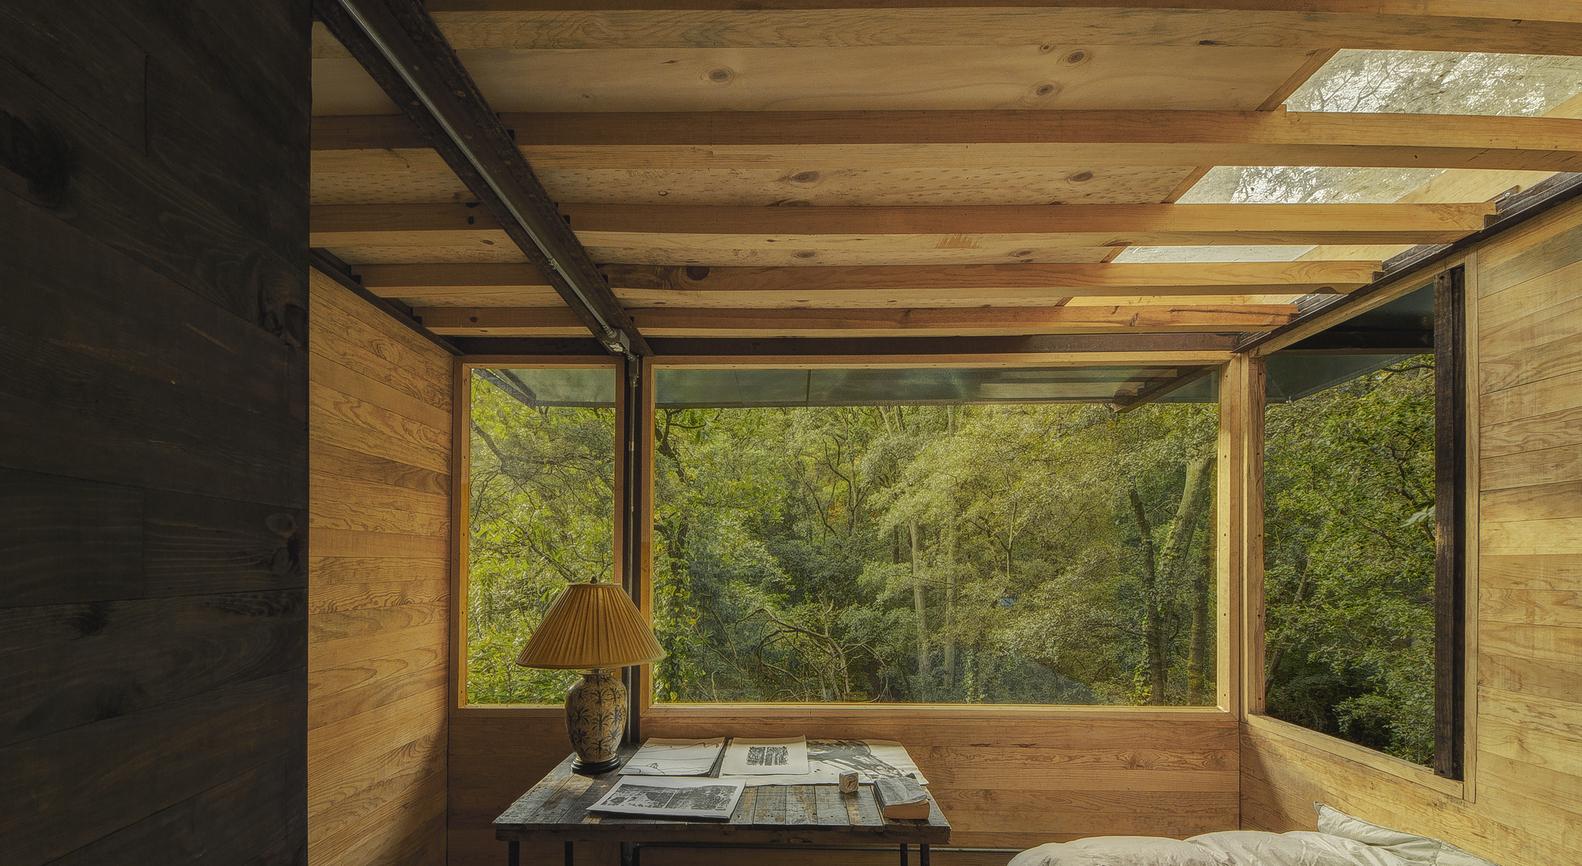 Casa Flotantees más que sus espacios, es un puente entre la naturaleza y el refugio / Studio Chirika